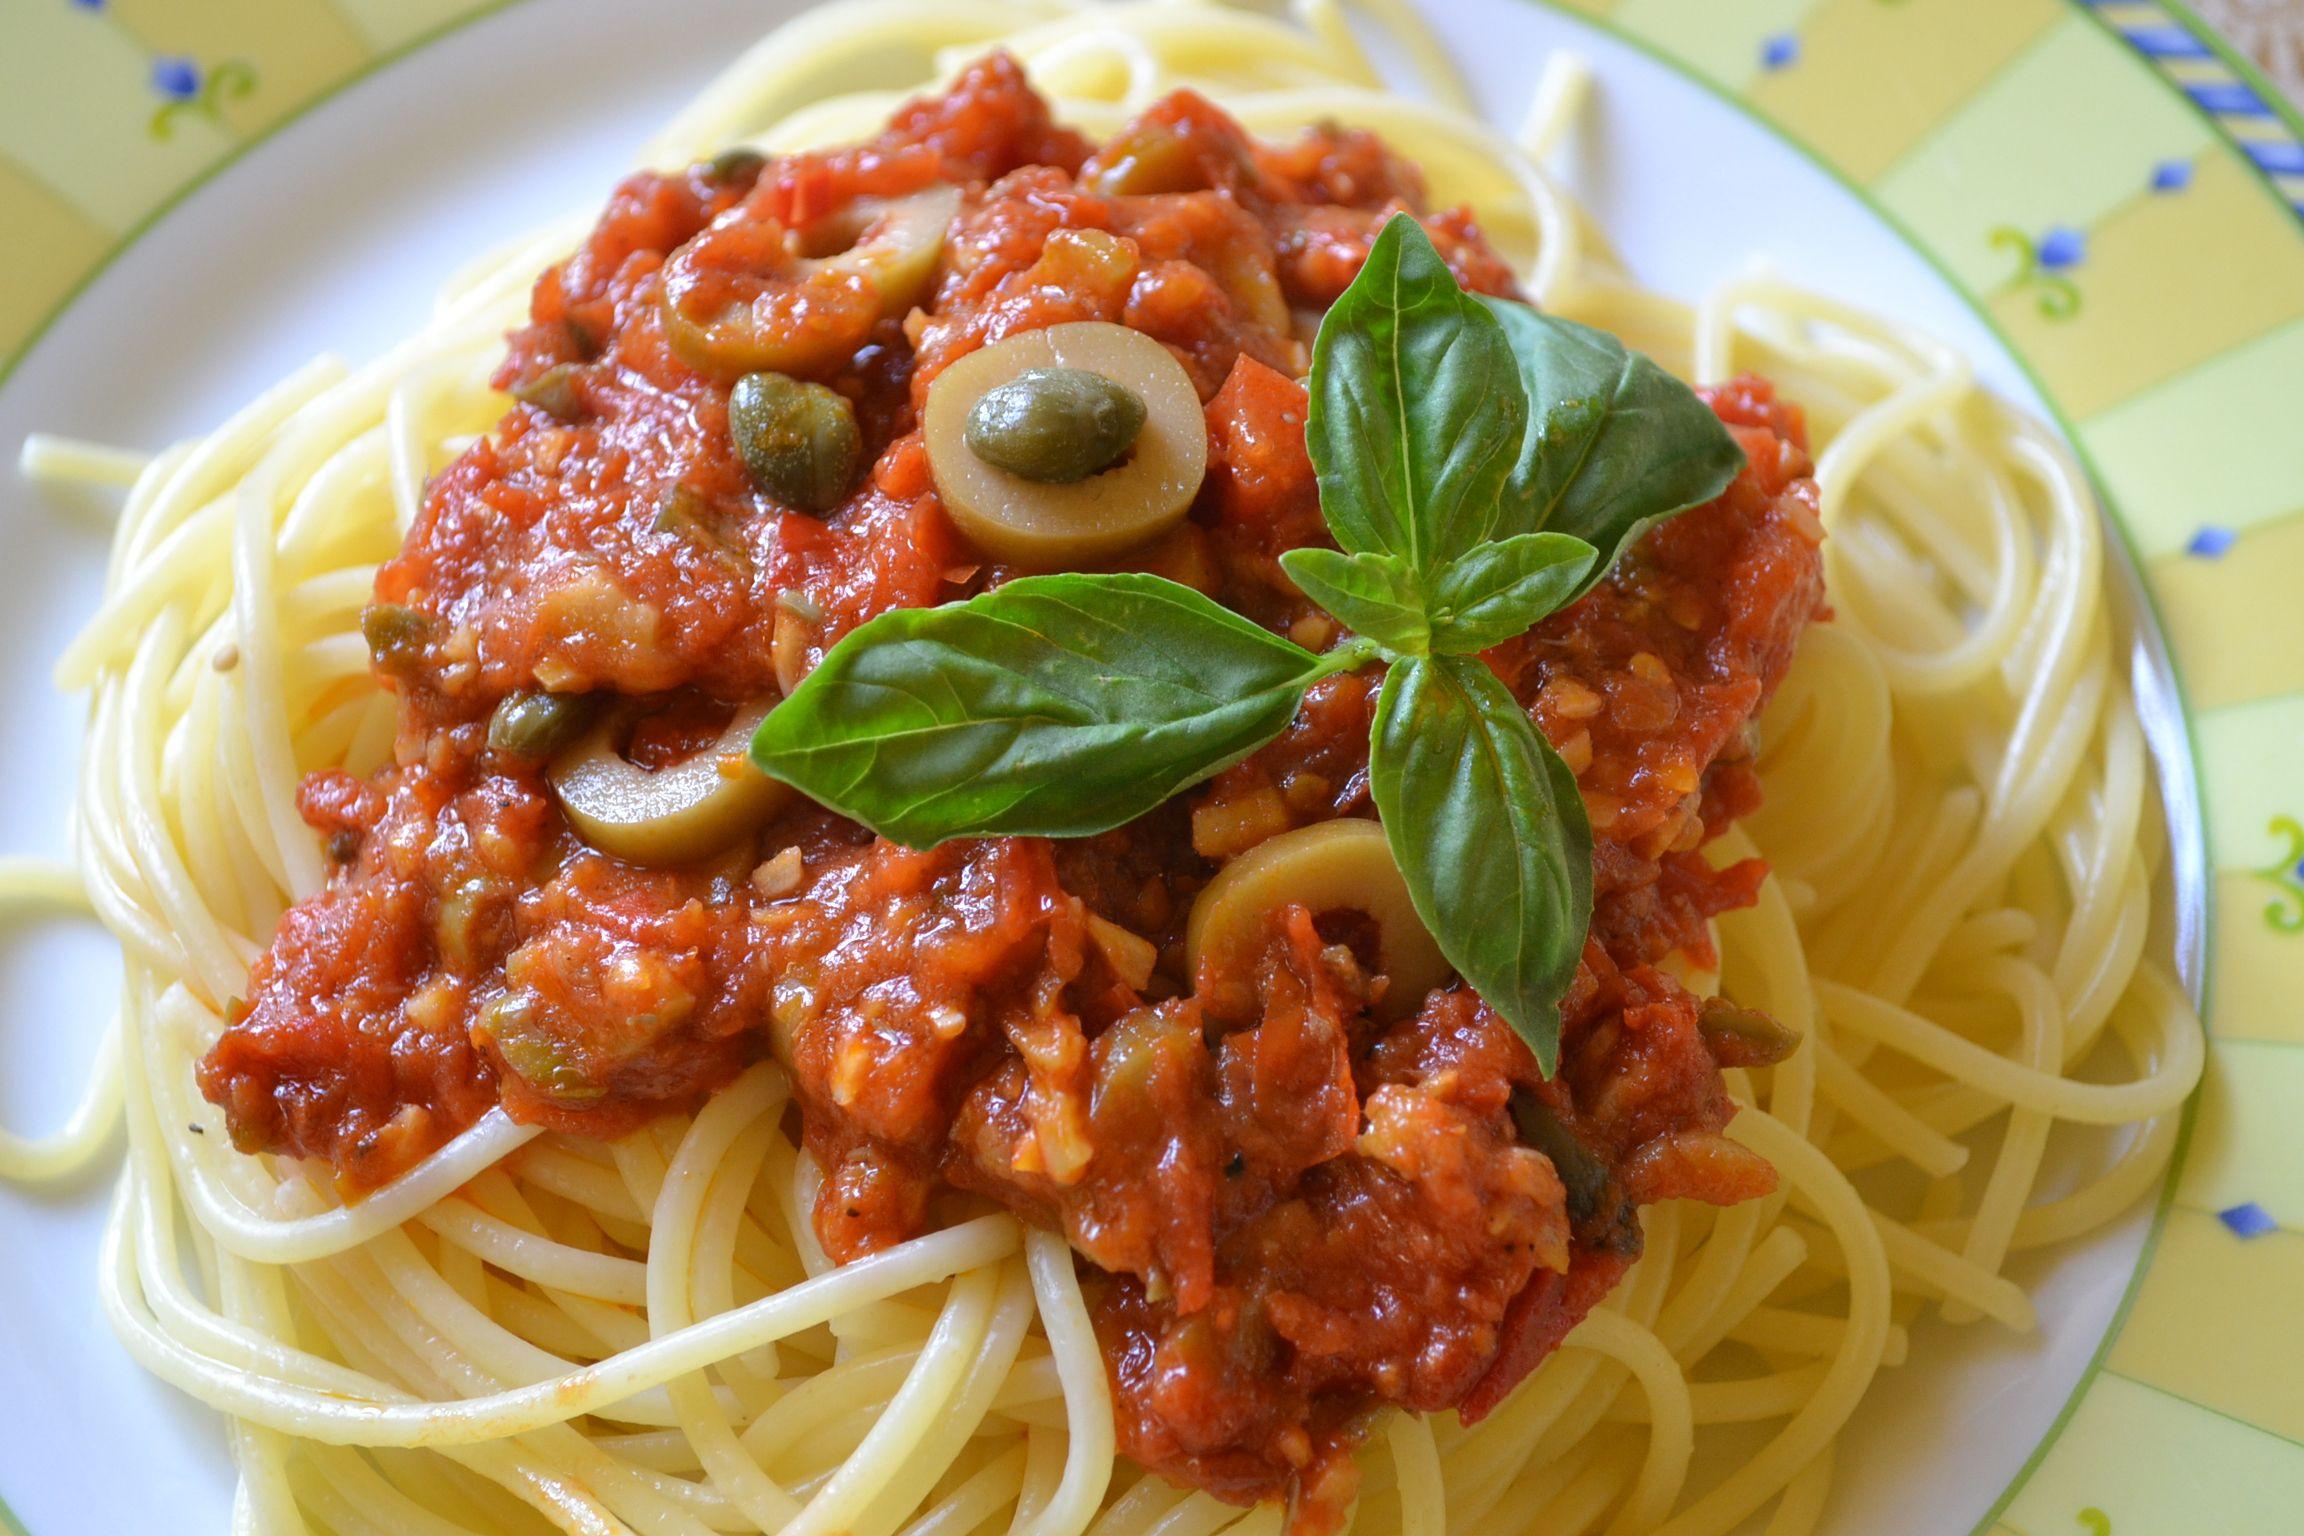 Spaghetti alla puttanesca - Superschnell und superlecker - Spaghetti alla puttanesca ist ein original italienisches Nudelrezpt mit lange haltbaren eingelegten Zutaten. Nur frische Tomaten braucht man noch.